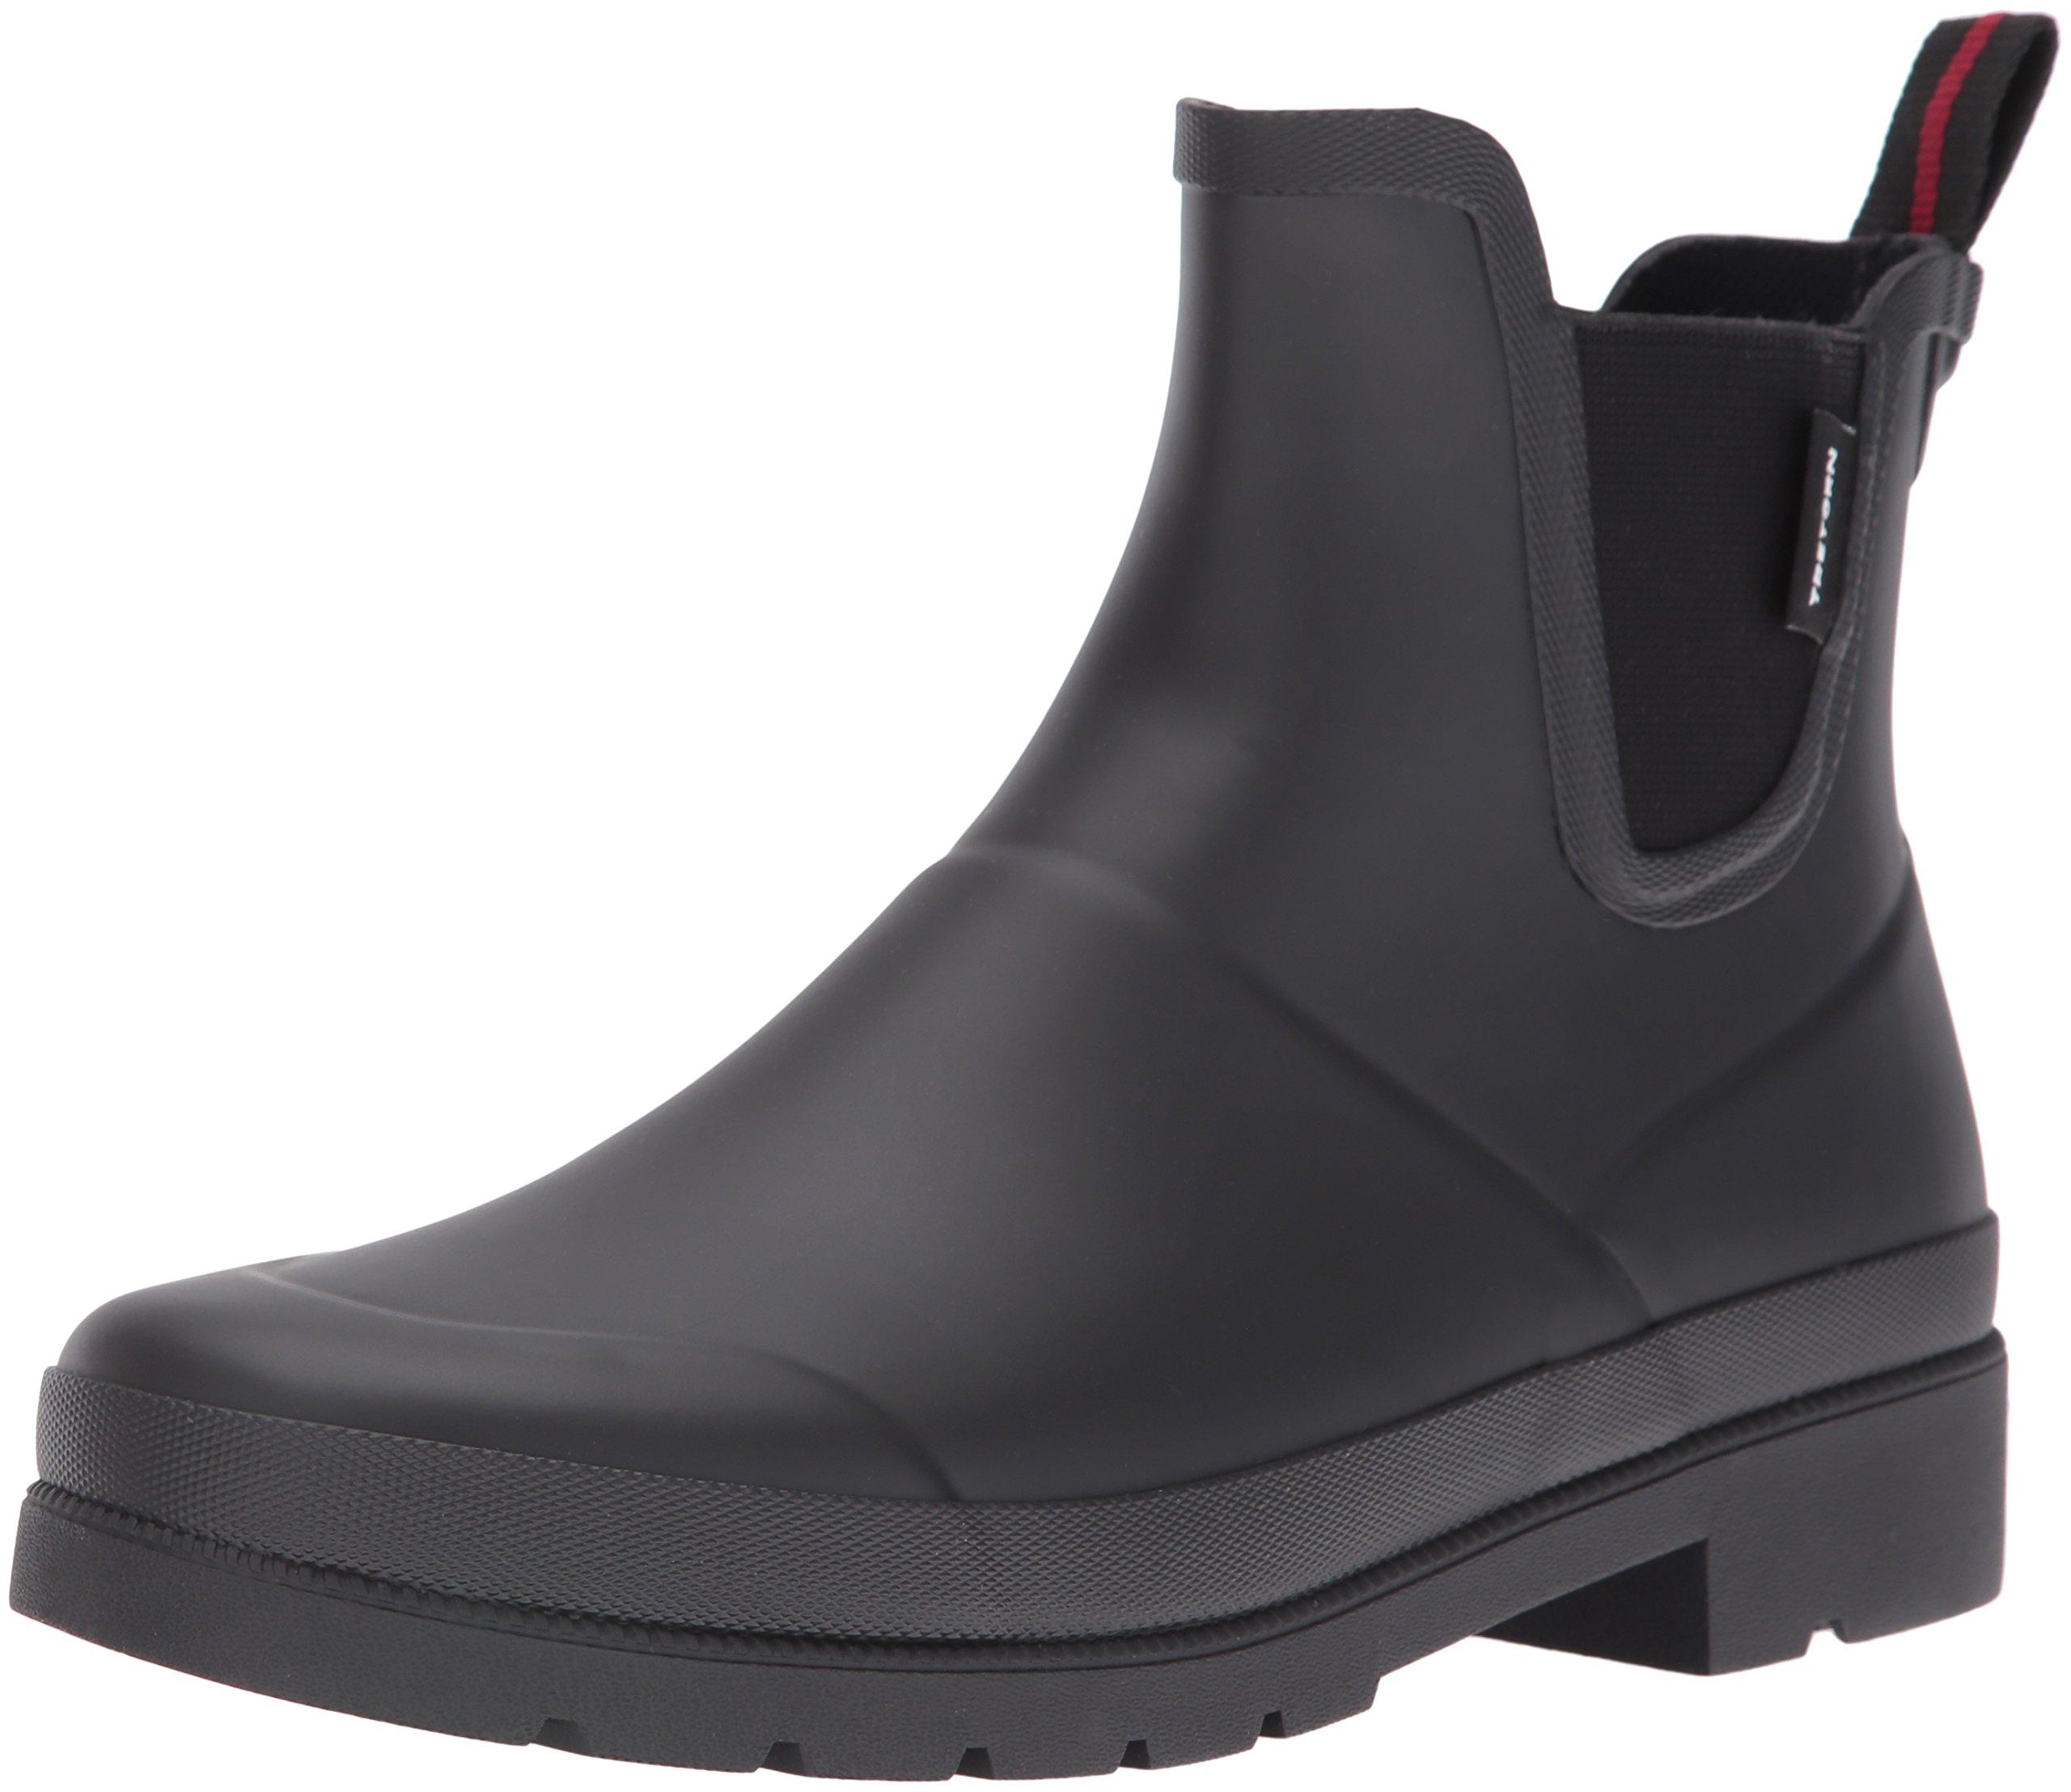 Tretorn Women's Lina Rain Boot, Black/Black, 6 M US